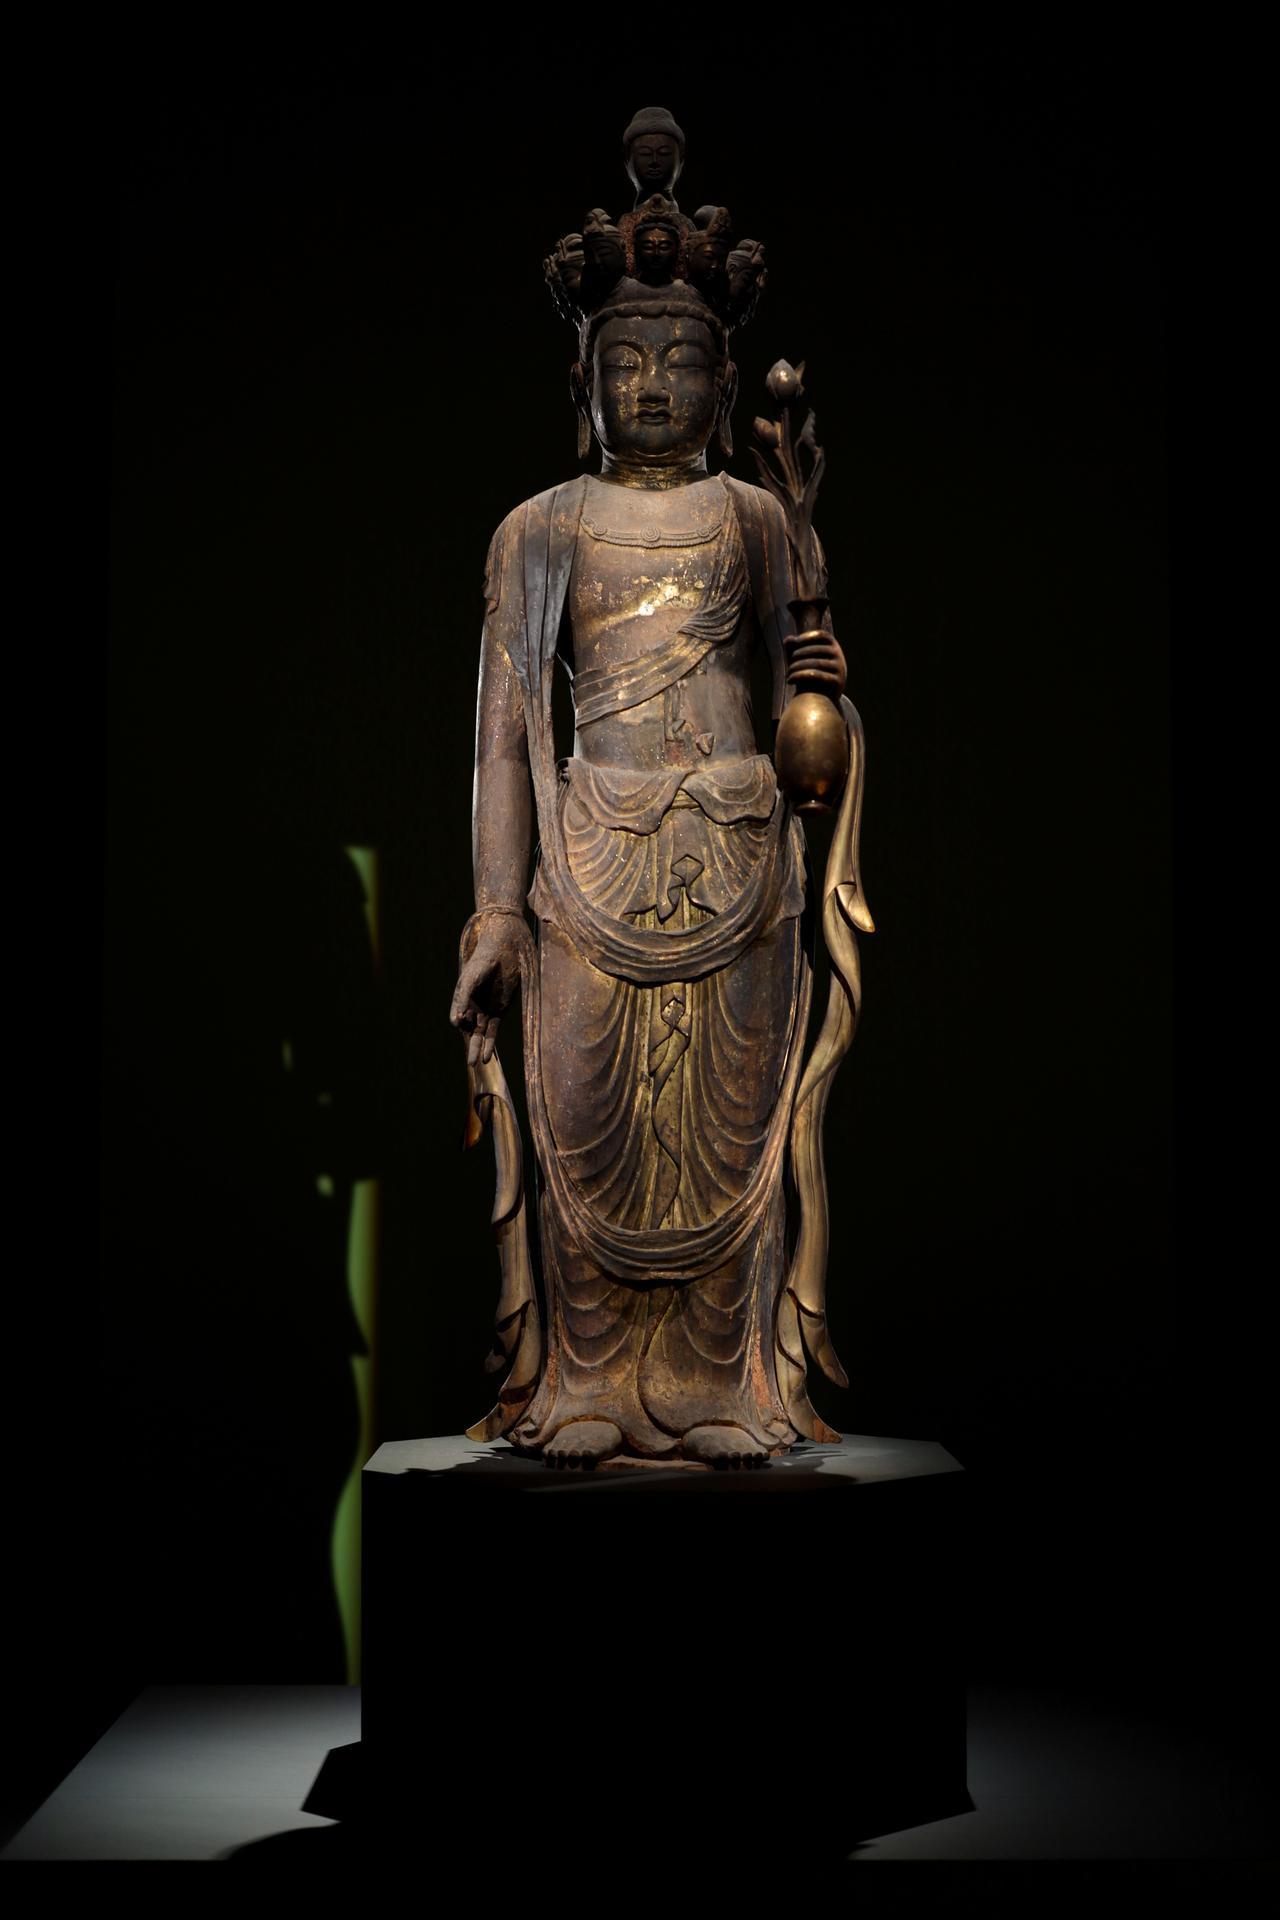 画像: 十一面観音菩薩立像 奈良時代8世紀 奈良・金剛山寺(矢田寺) 重要文化財 ほぼ全体を大きなキリの一木で彫り、衣の一部が木屎漆で整形されている